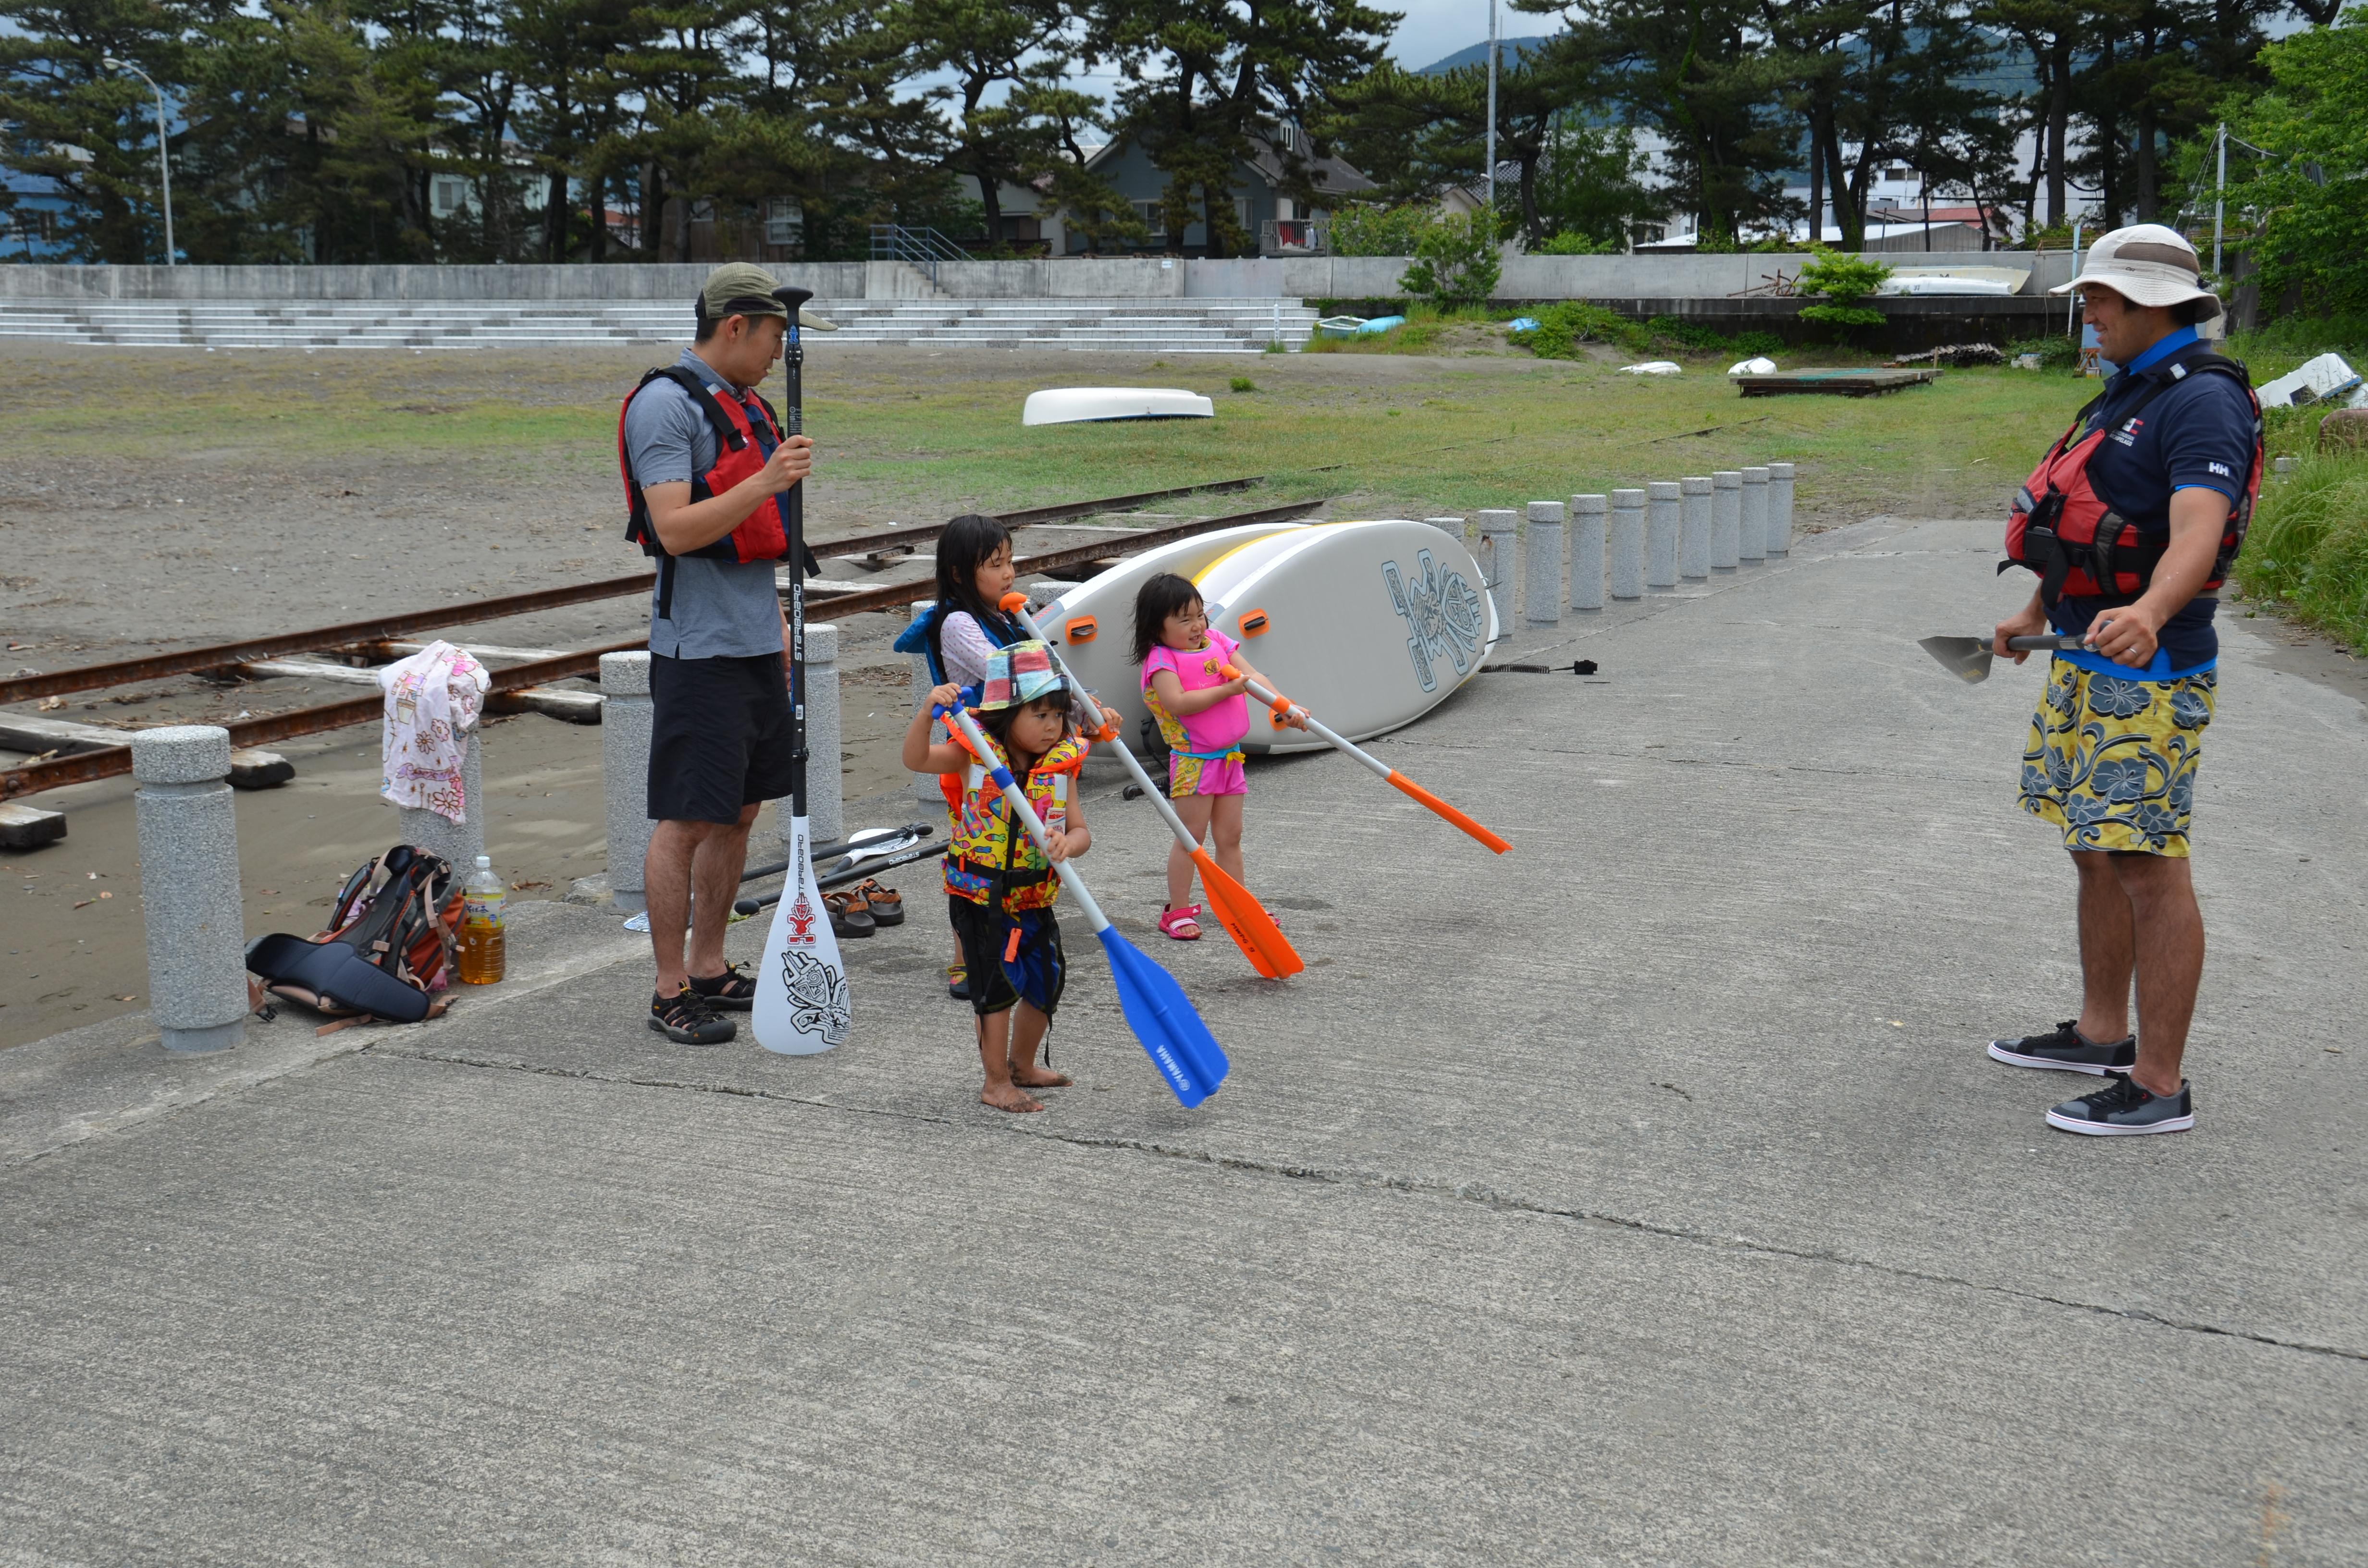 松崎海岸でSUPの体験会が行われています。